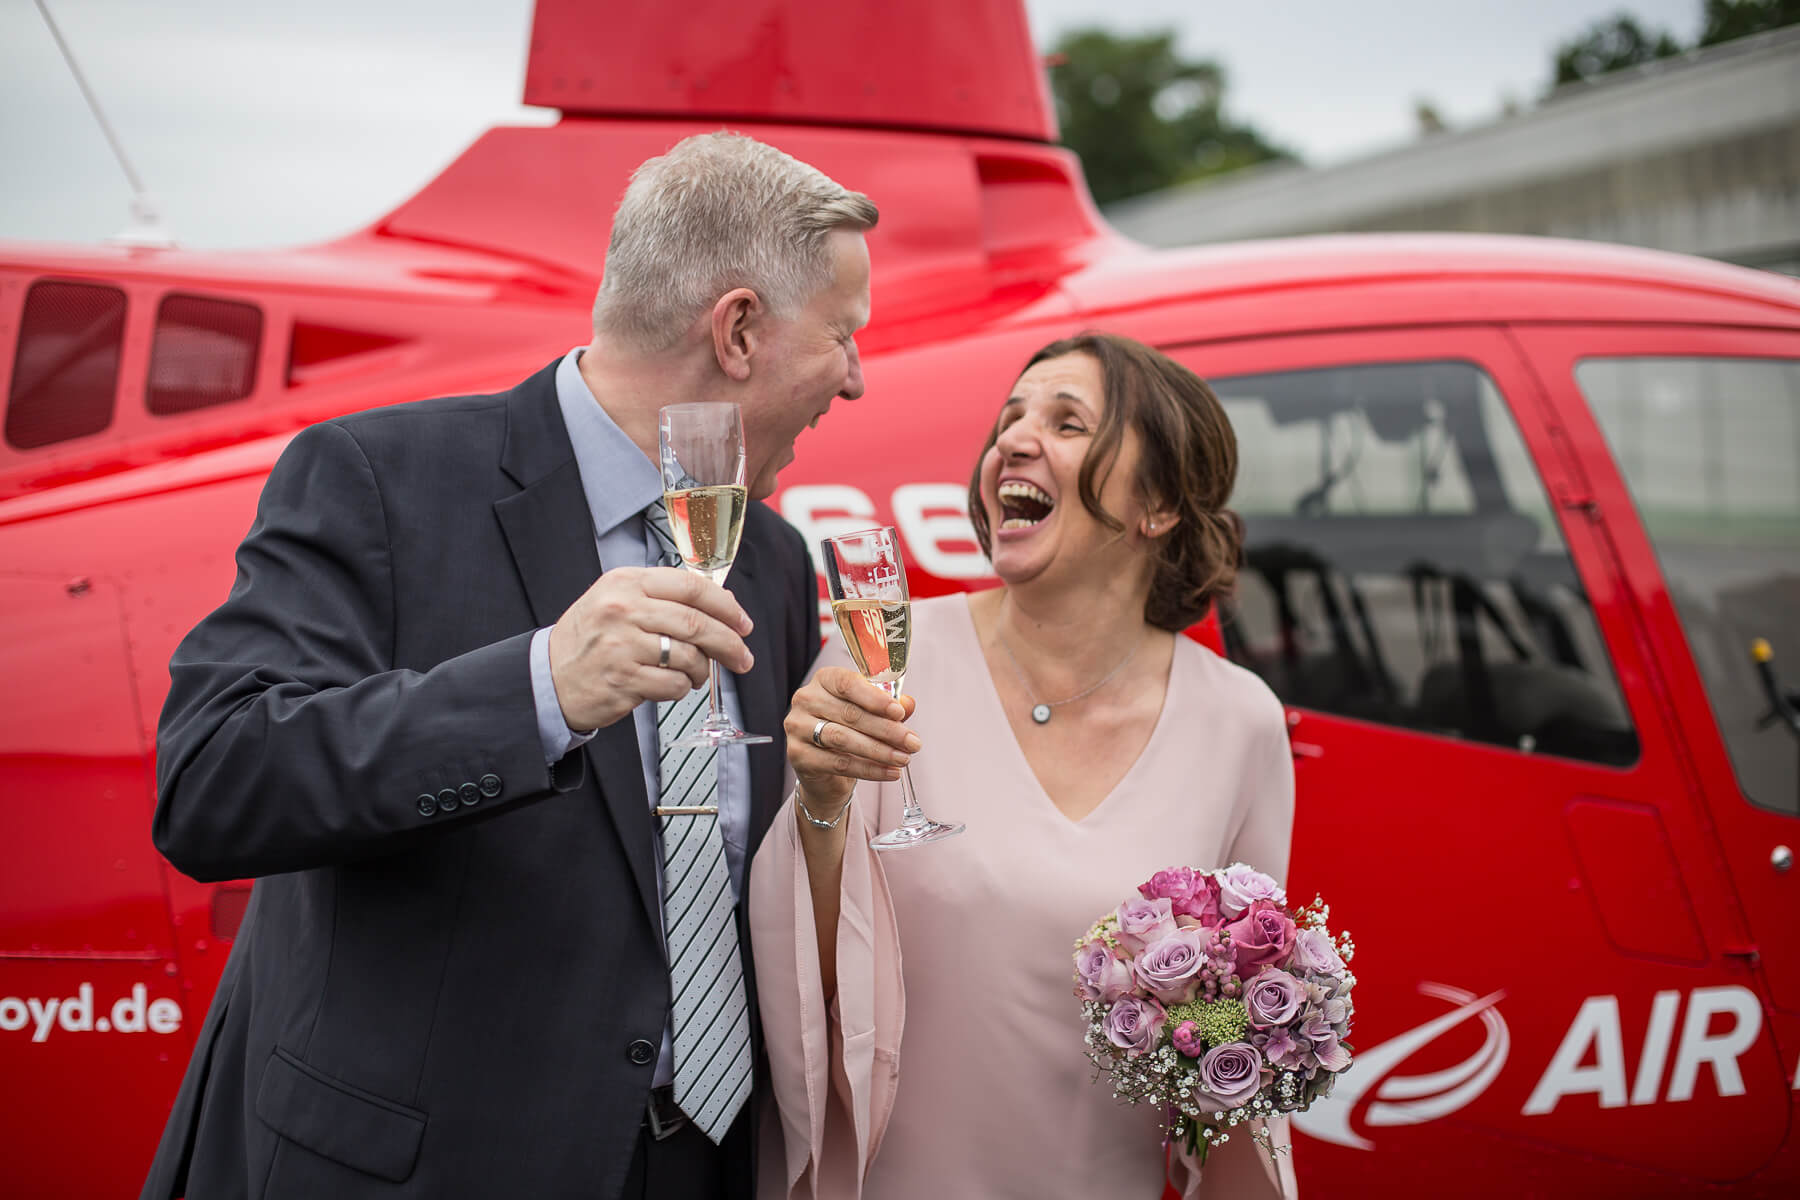 Hochzeitsreportage  Fotograf  Lufthochzeit im Hubschrauber  Hangelar 06